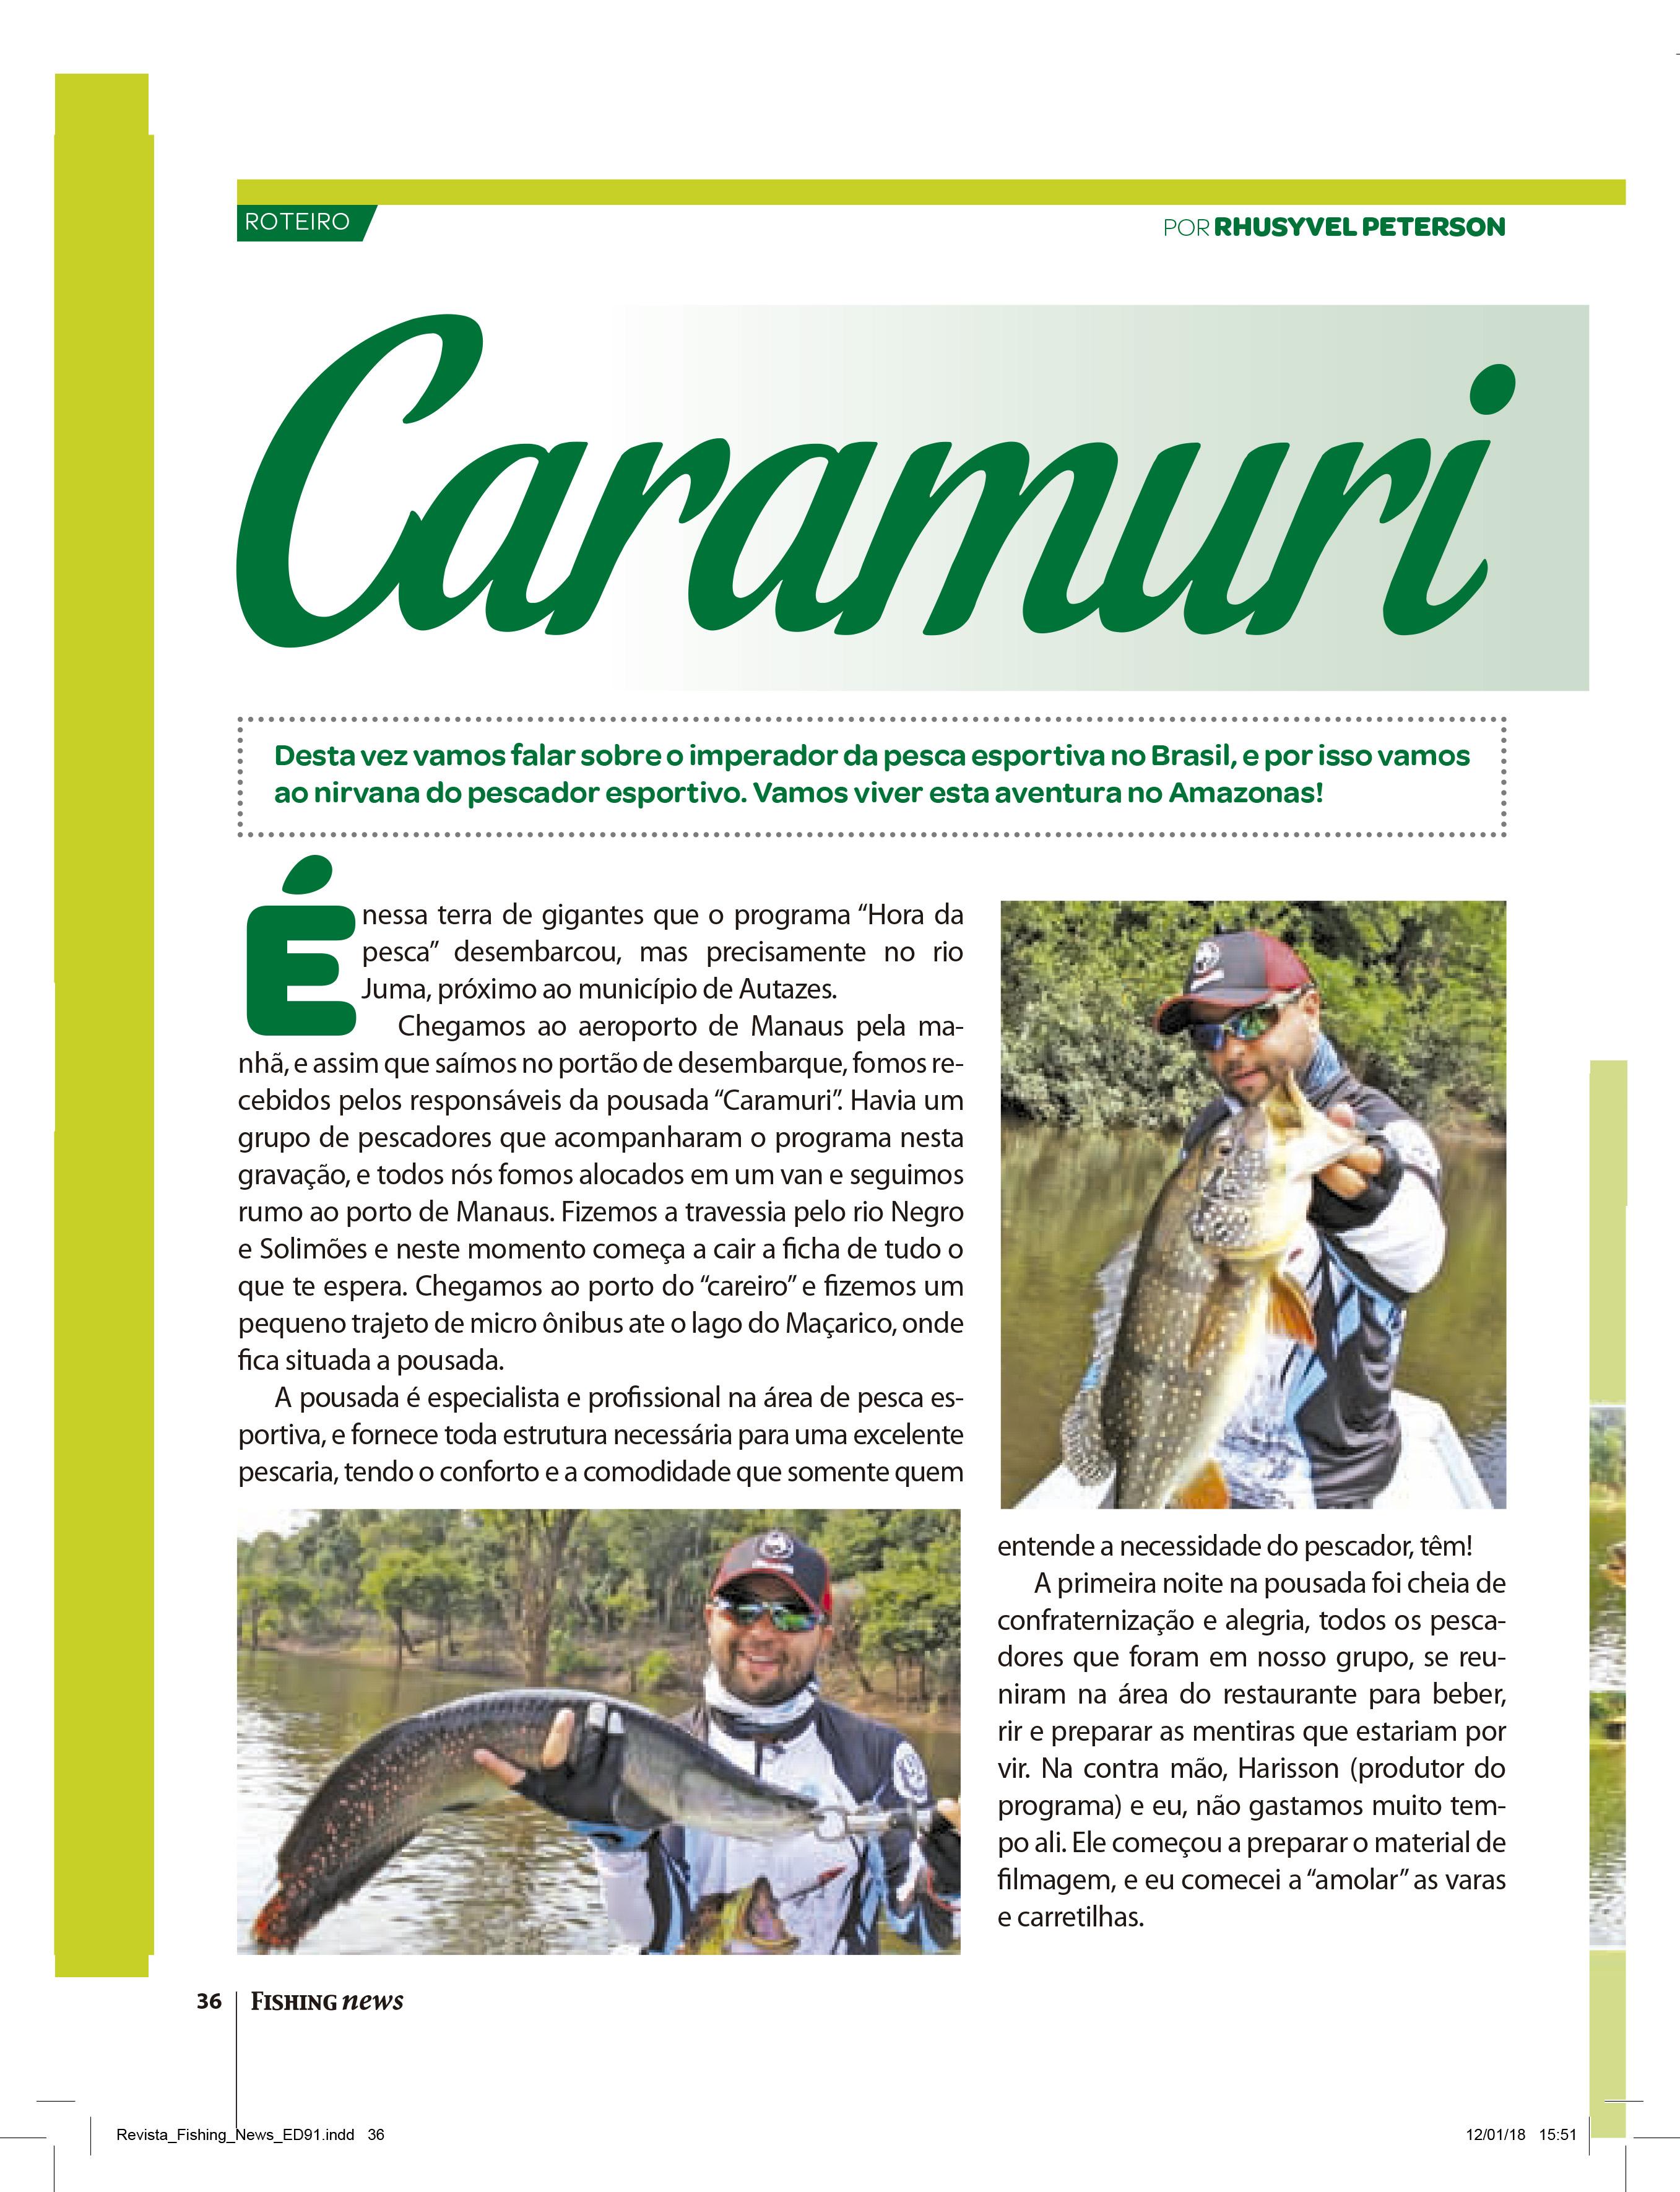 Revista Fishing News_ed 91_OP 47300_pdf prova-36